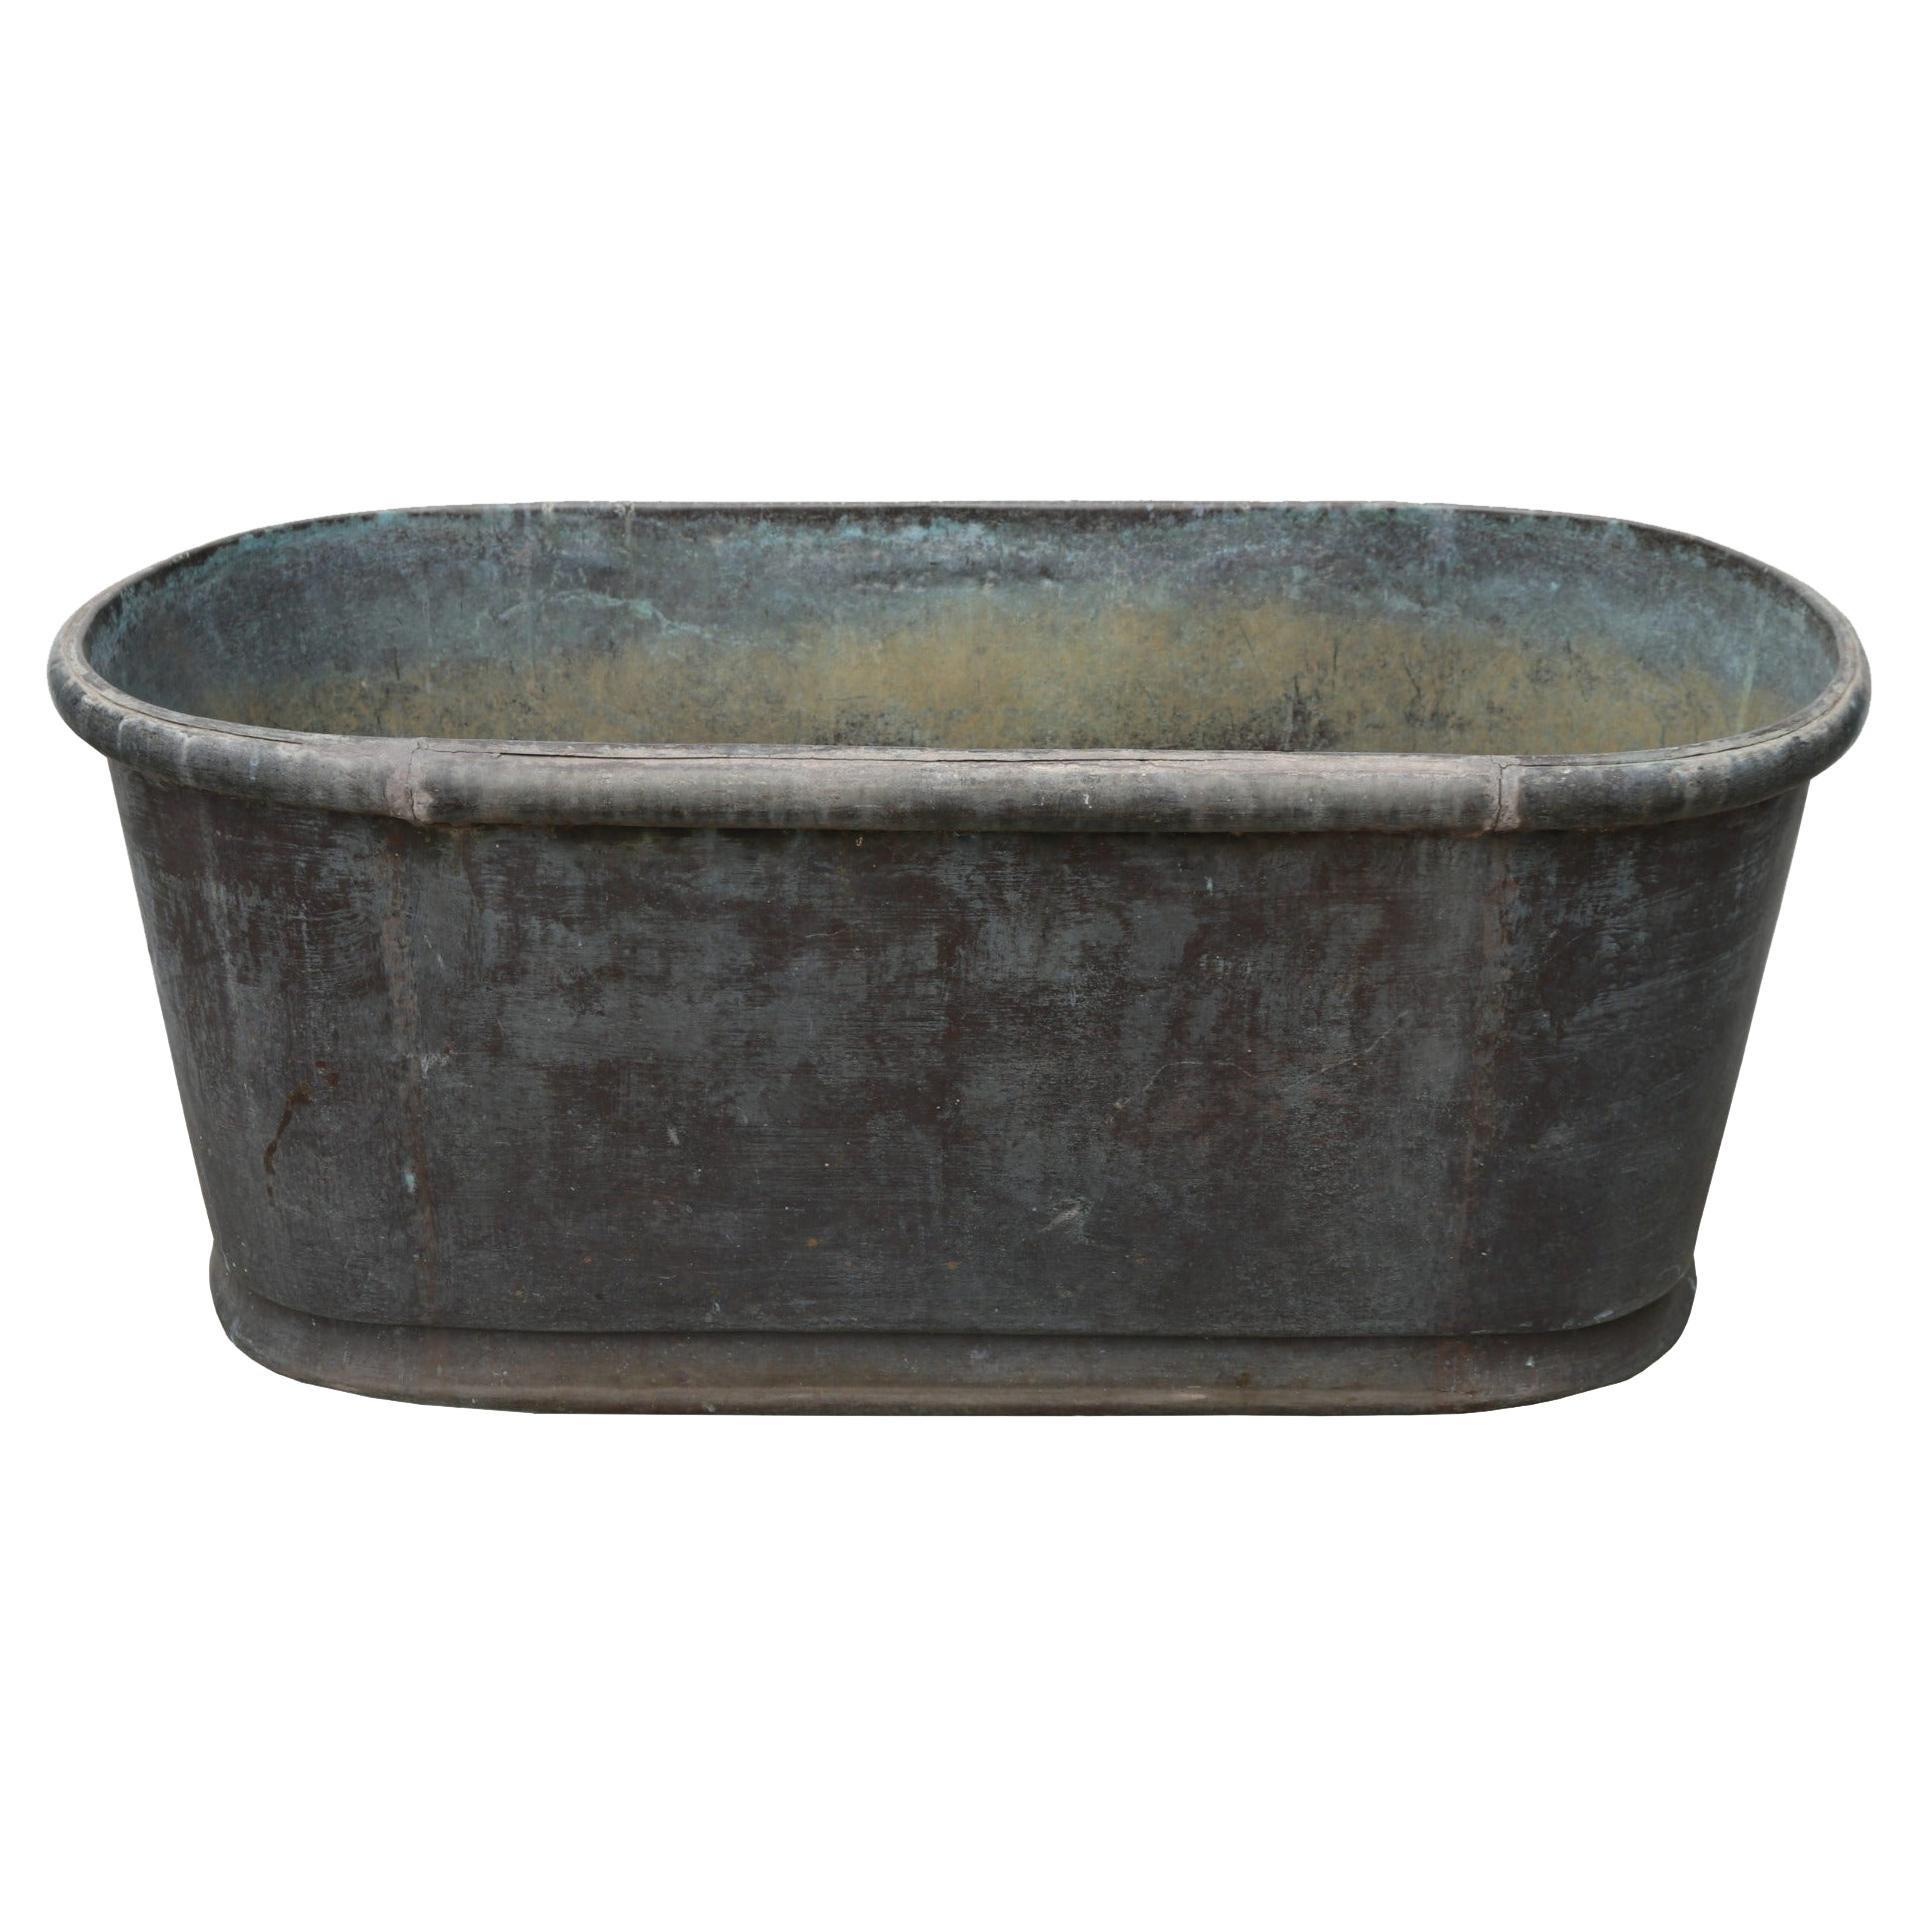 Antique Vintage Copper Bath Tub